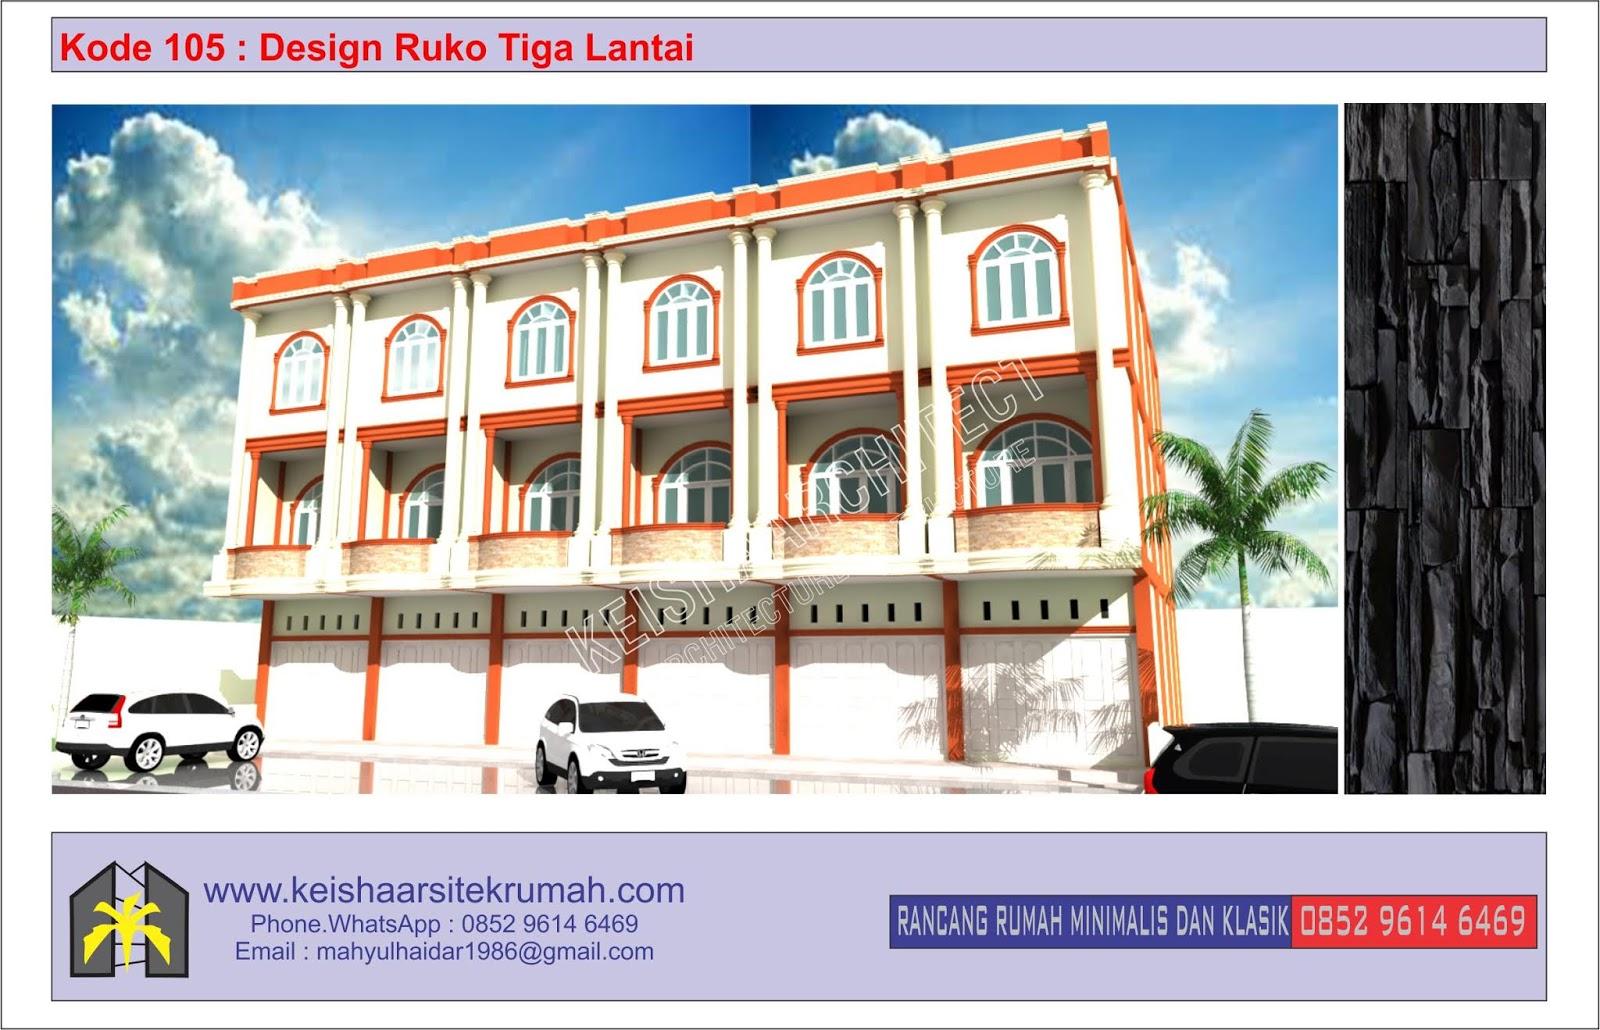 Kode 105 Design Fasade Ruko Tiga Lantai Lokasi Simpang Bpkp Banda